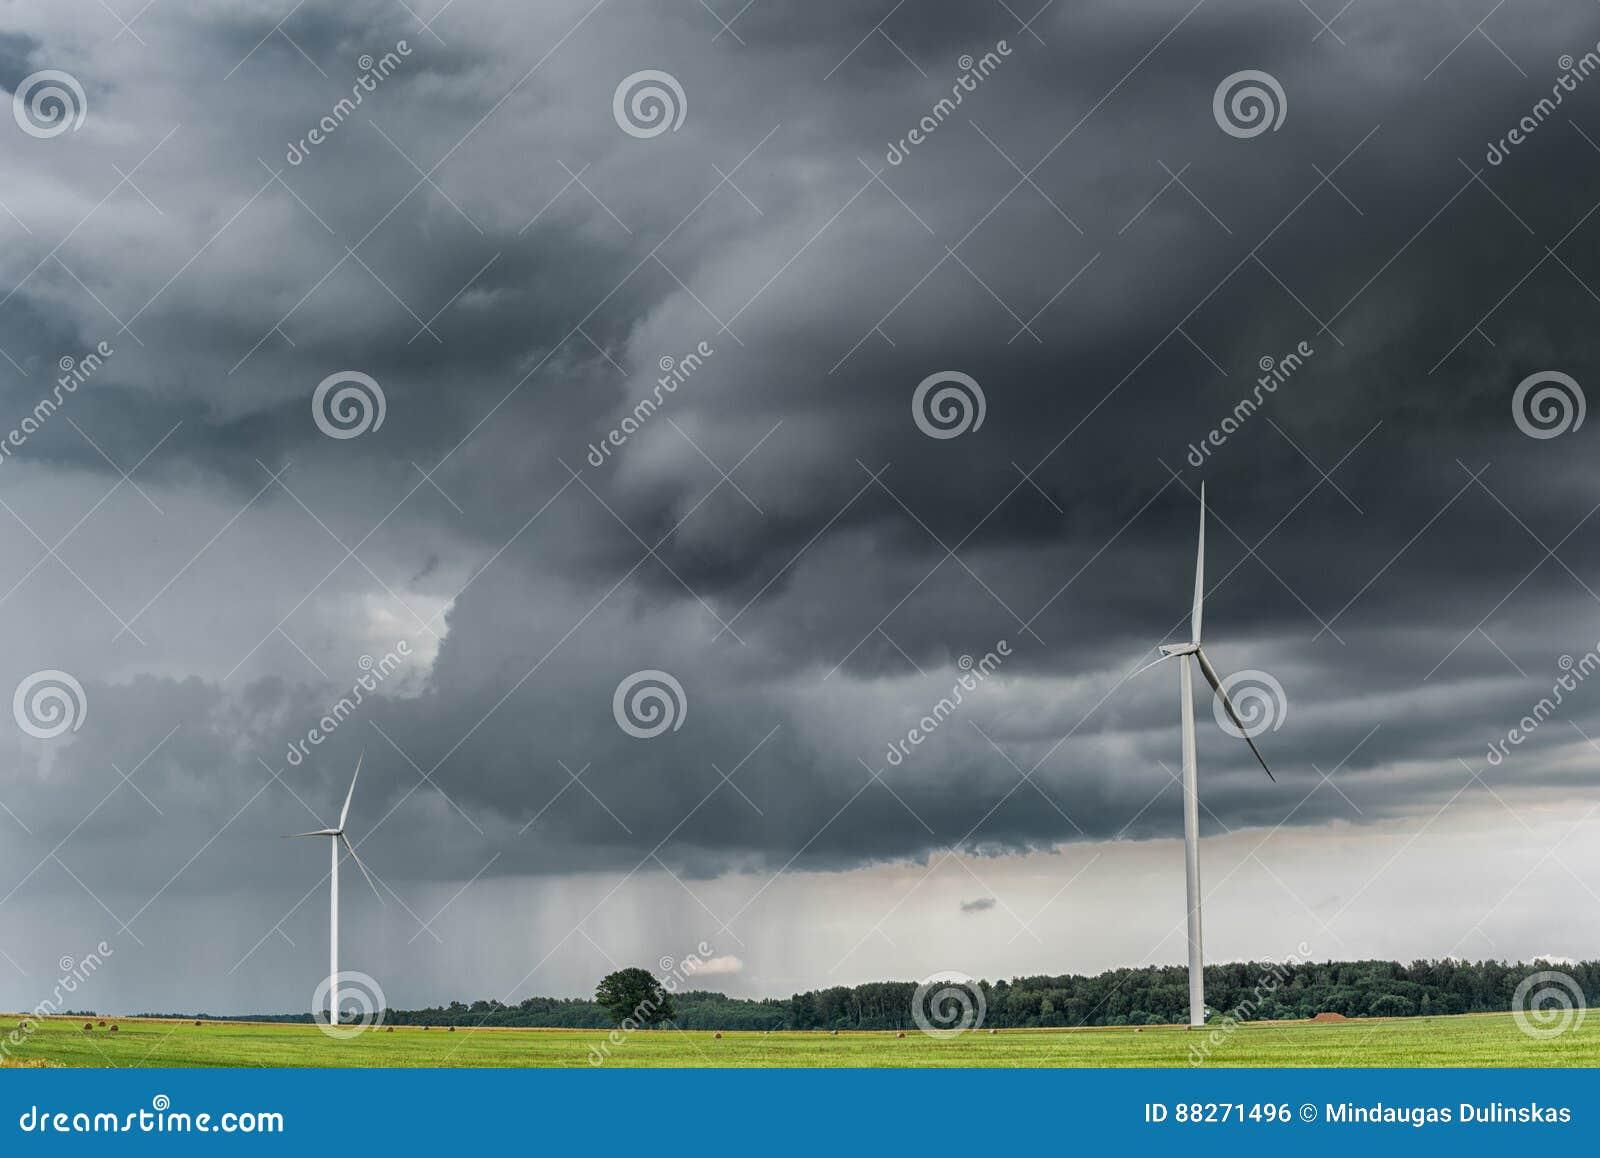 Väderkvarn med stormig himmel molnig sky